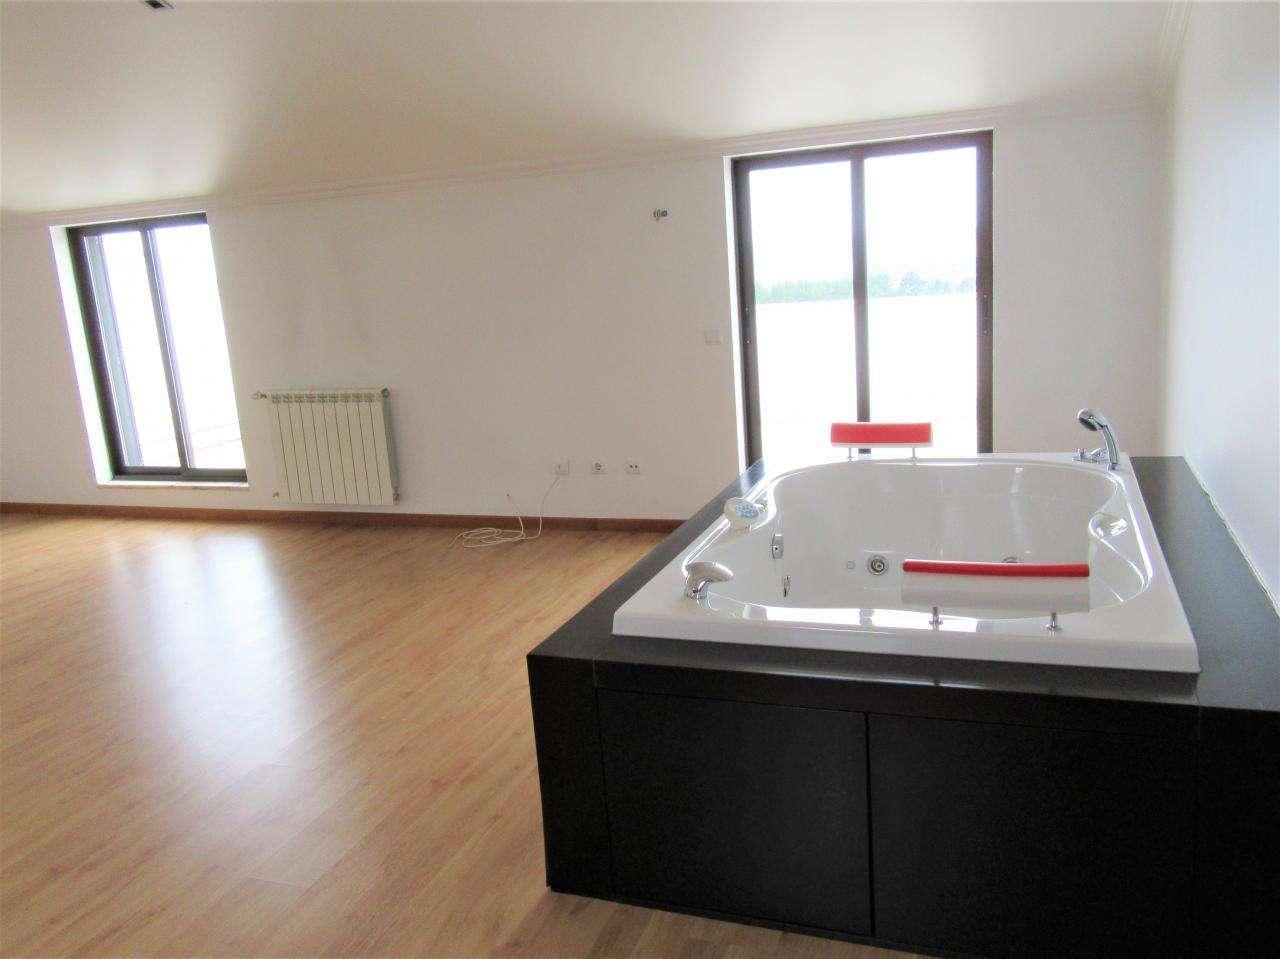 Apartamento para comprar, Leiria, Pousos, Barreira e Cortes, Leiria - Foto 21